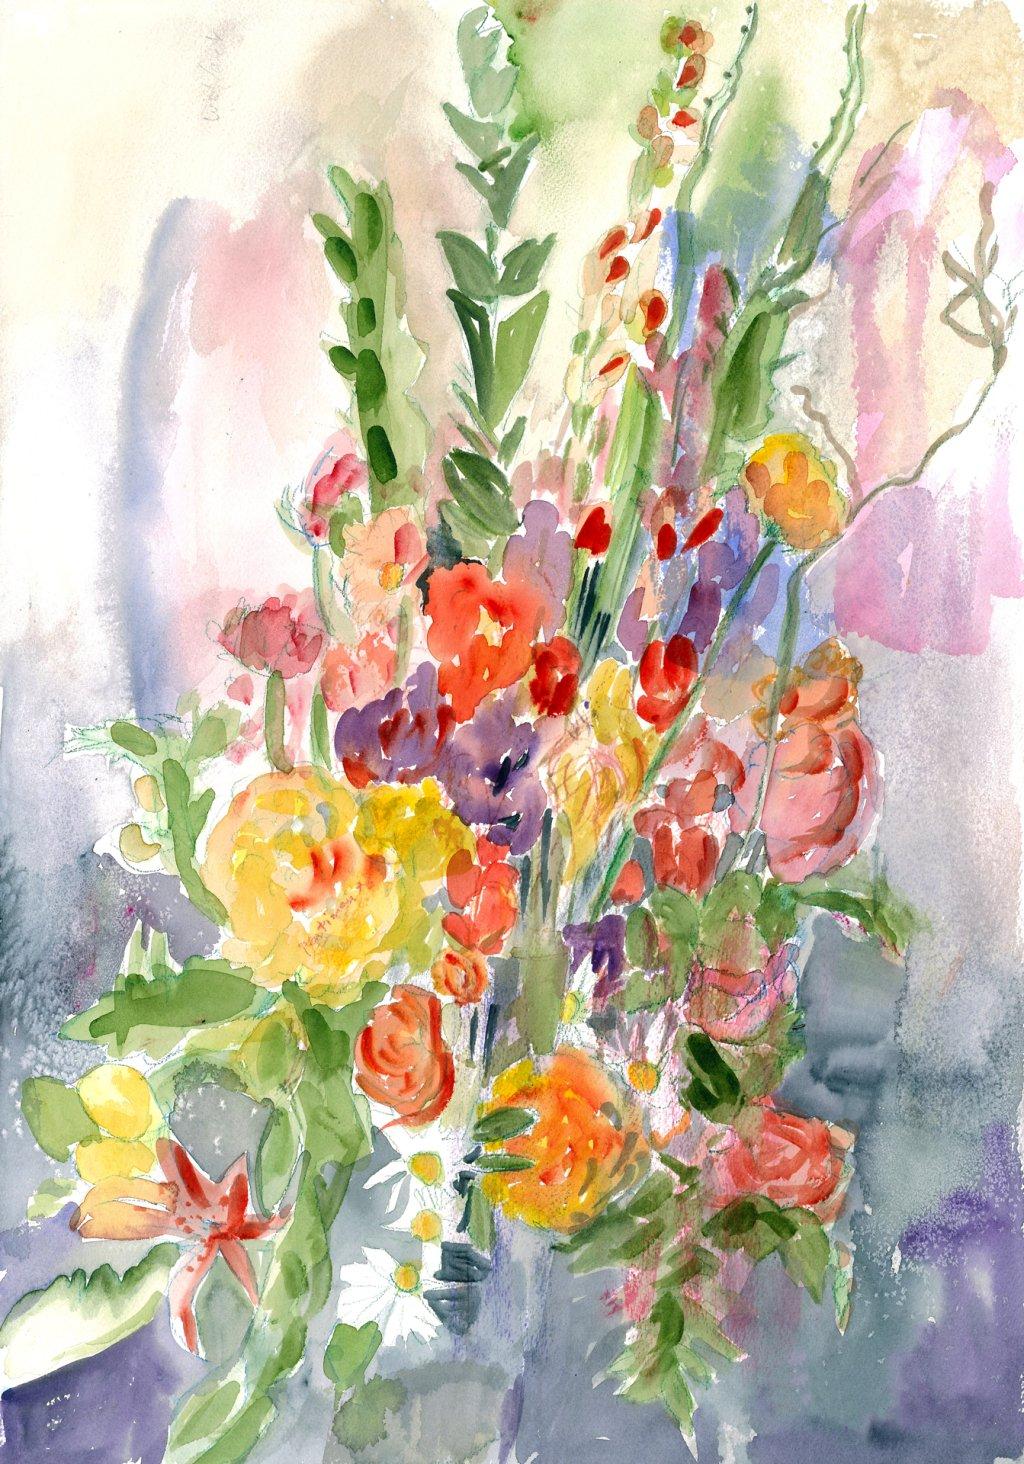 Florists Bouquet1 2013 17 x 23